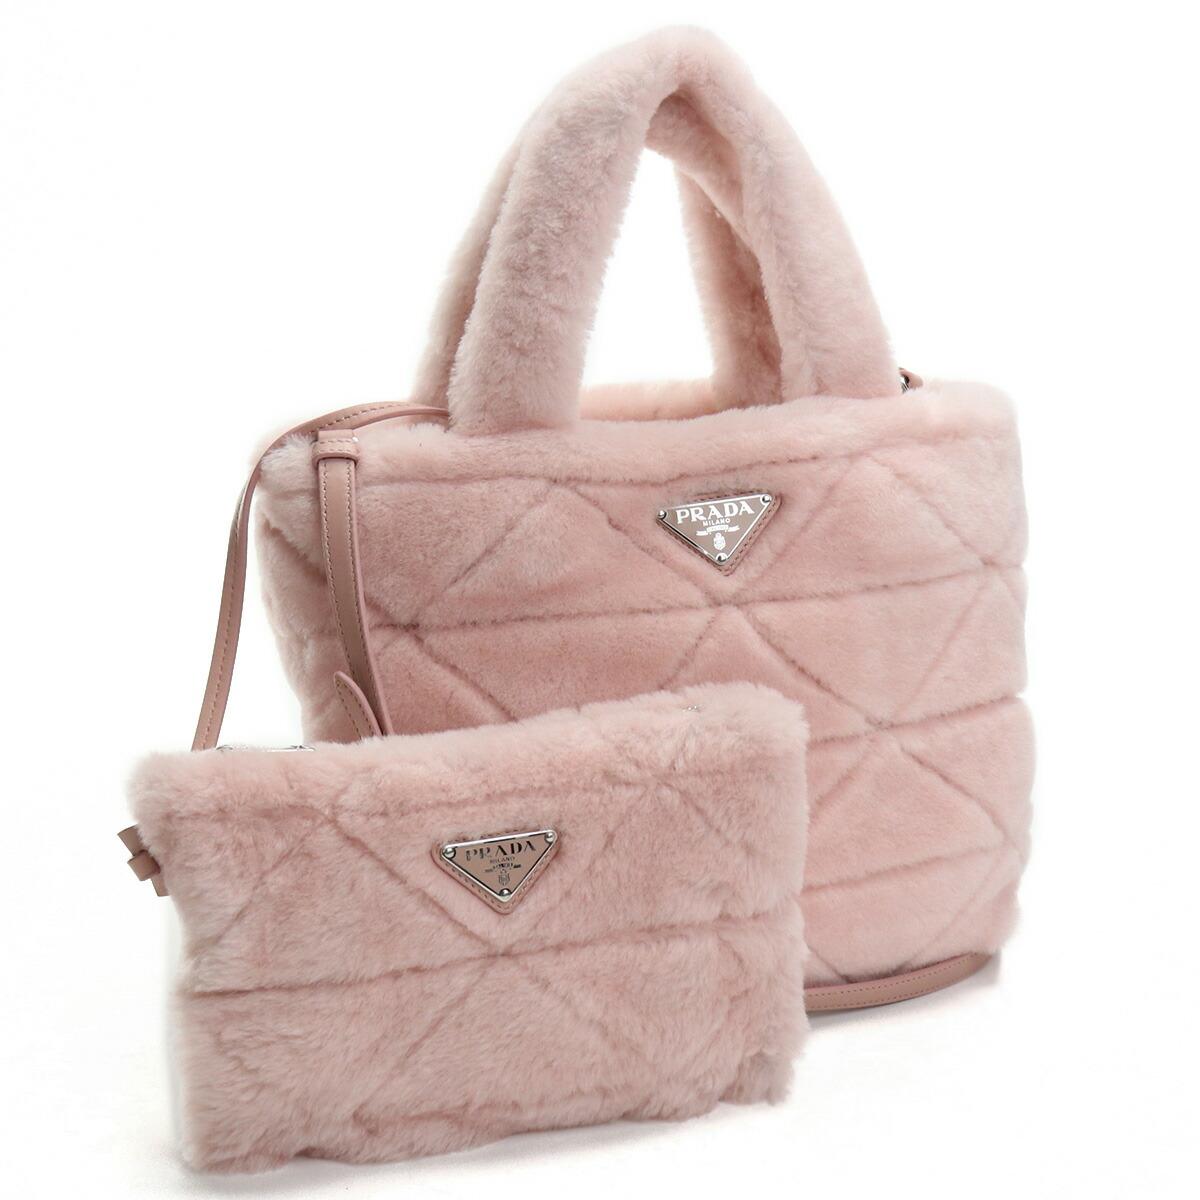 プラダ PRADA  トートバッグ ブランドバッグ ブランドロゴ ファ-バッグ 1BG378 2EC9 V WOO F0615 ORCHIDEA ピンク系 bag-01